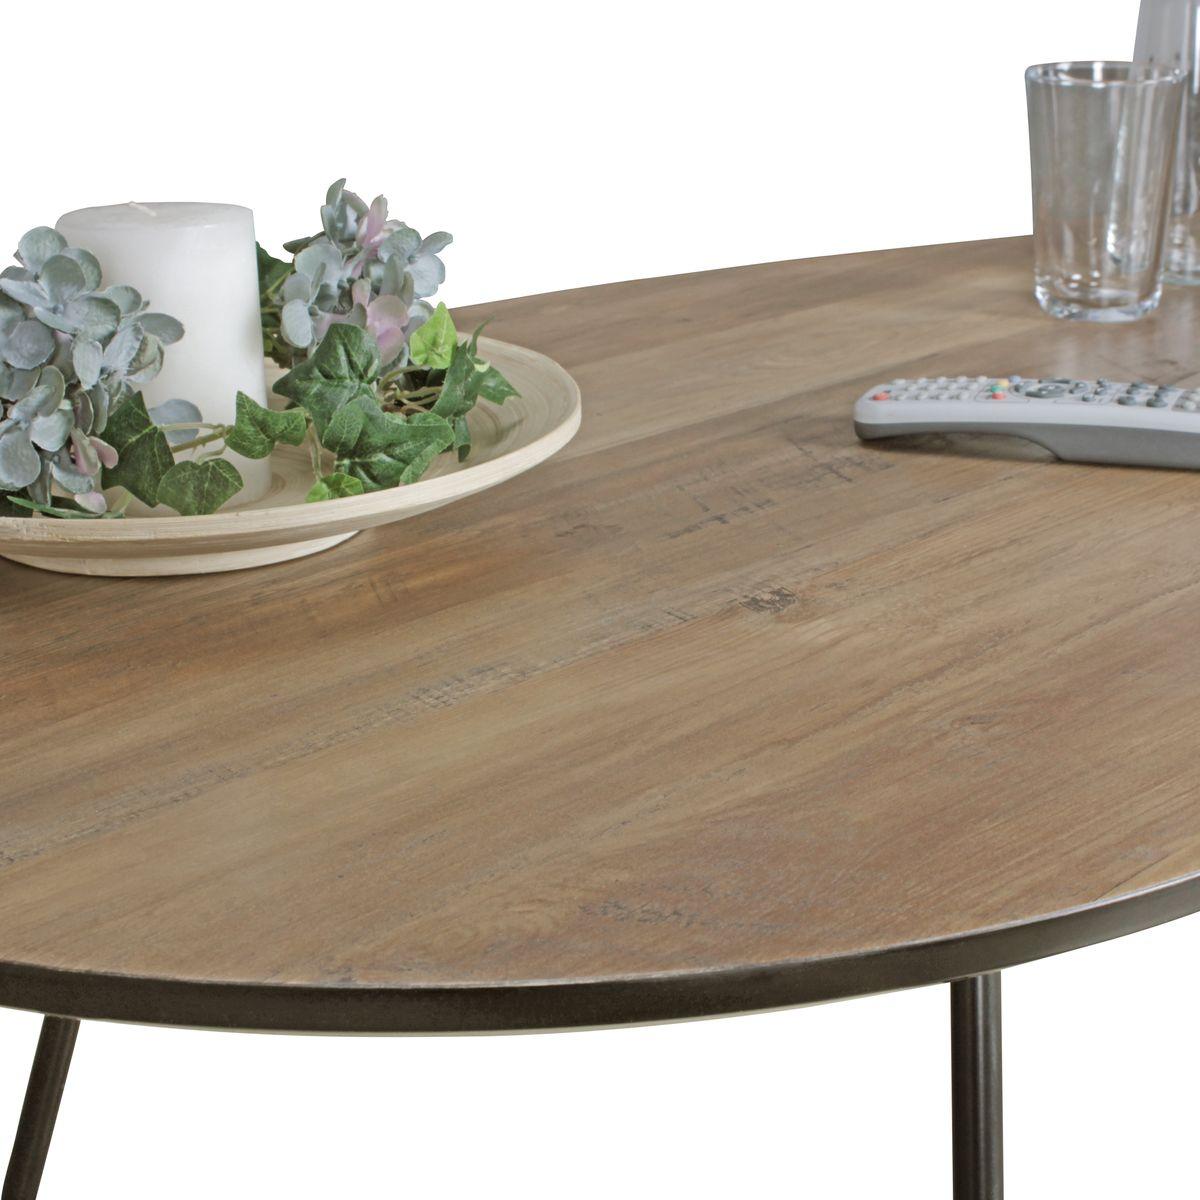 wohnling couchtisch mdf holz wohnzimmertisch metall loungetisch nierentisch ebay. Black Bedroom Furniture Sets. Home Design Ideas